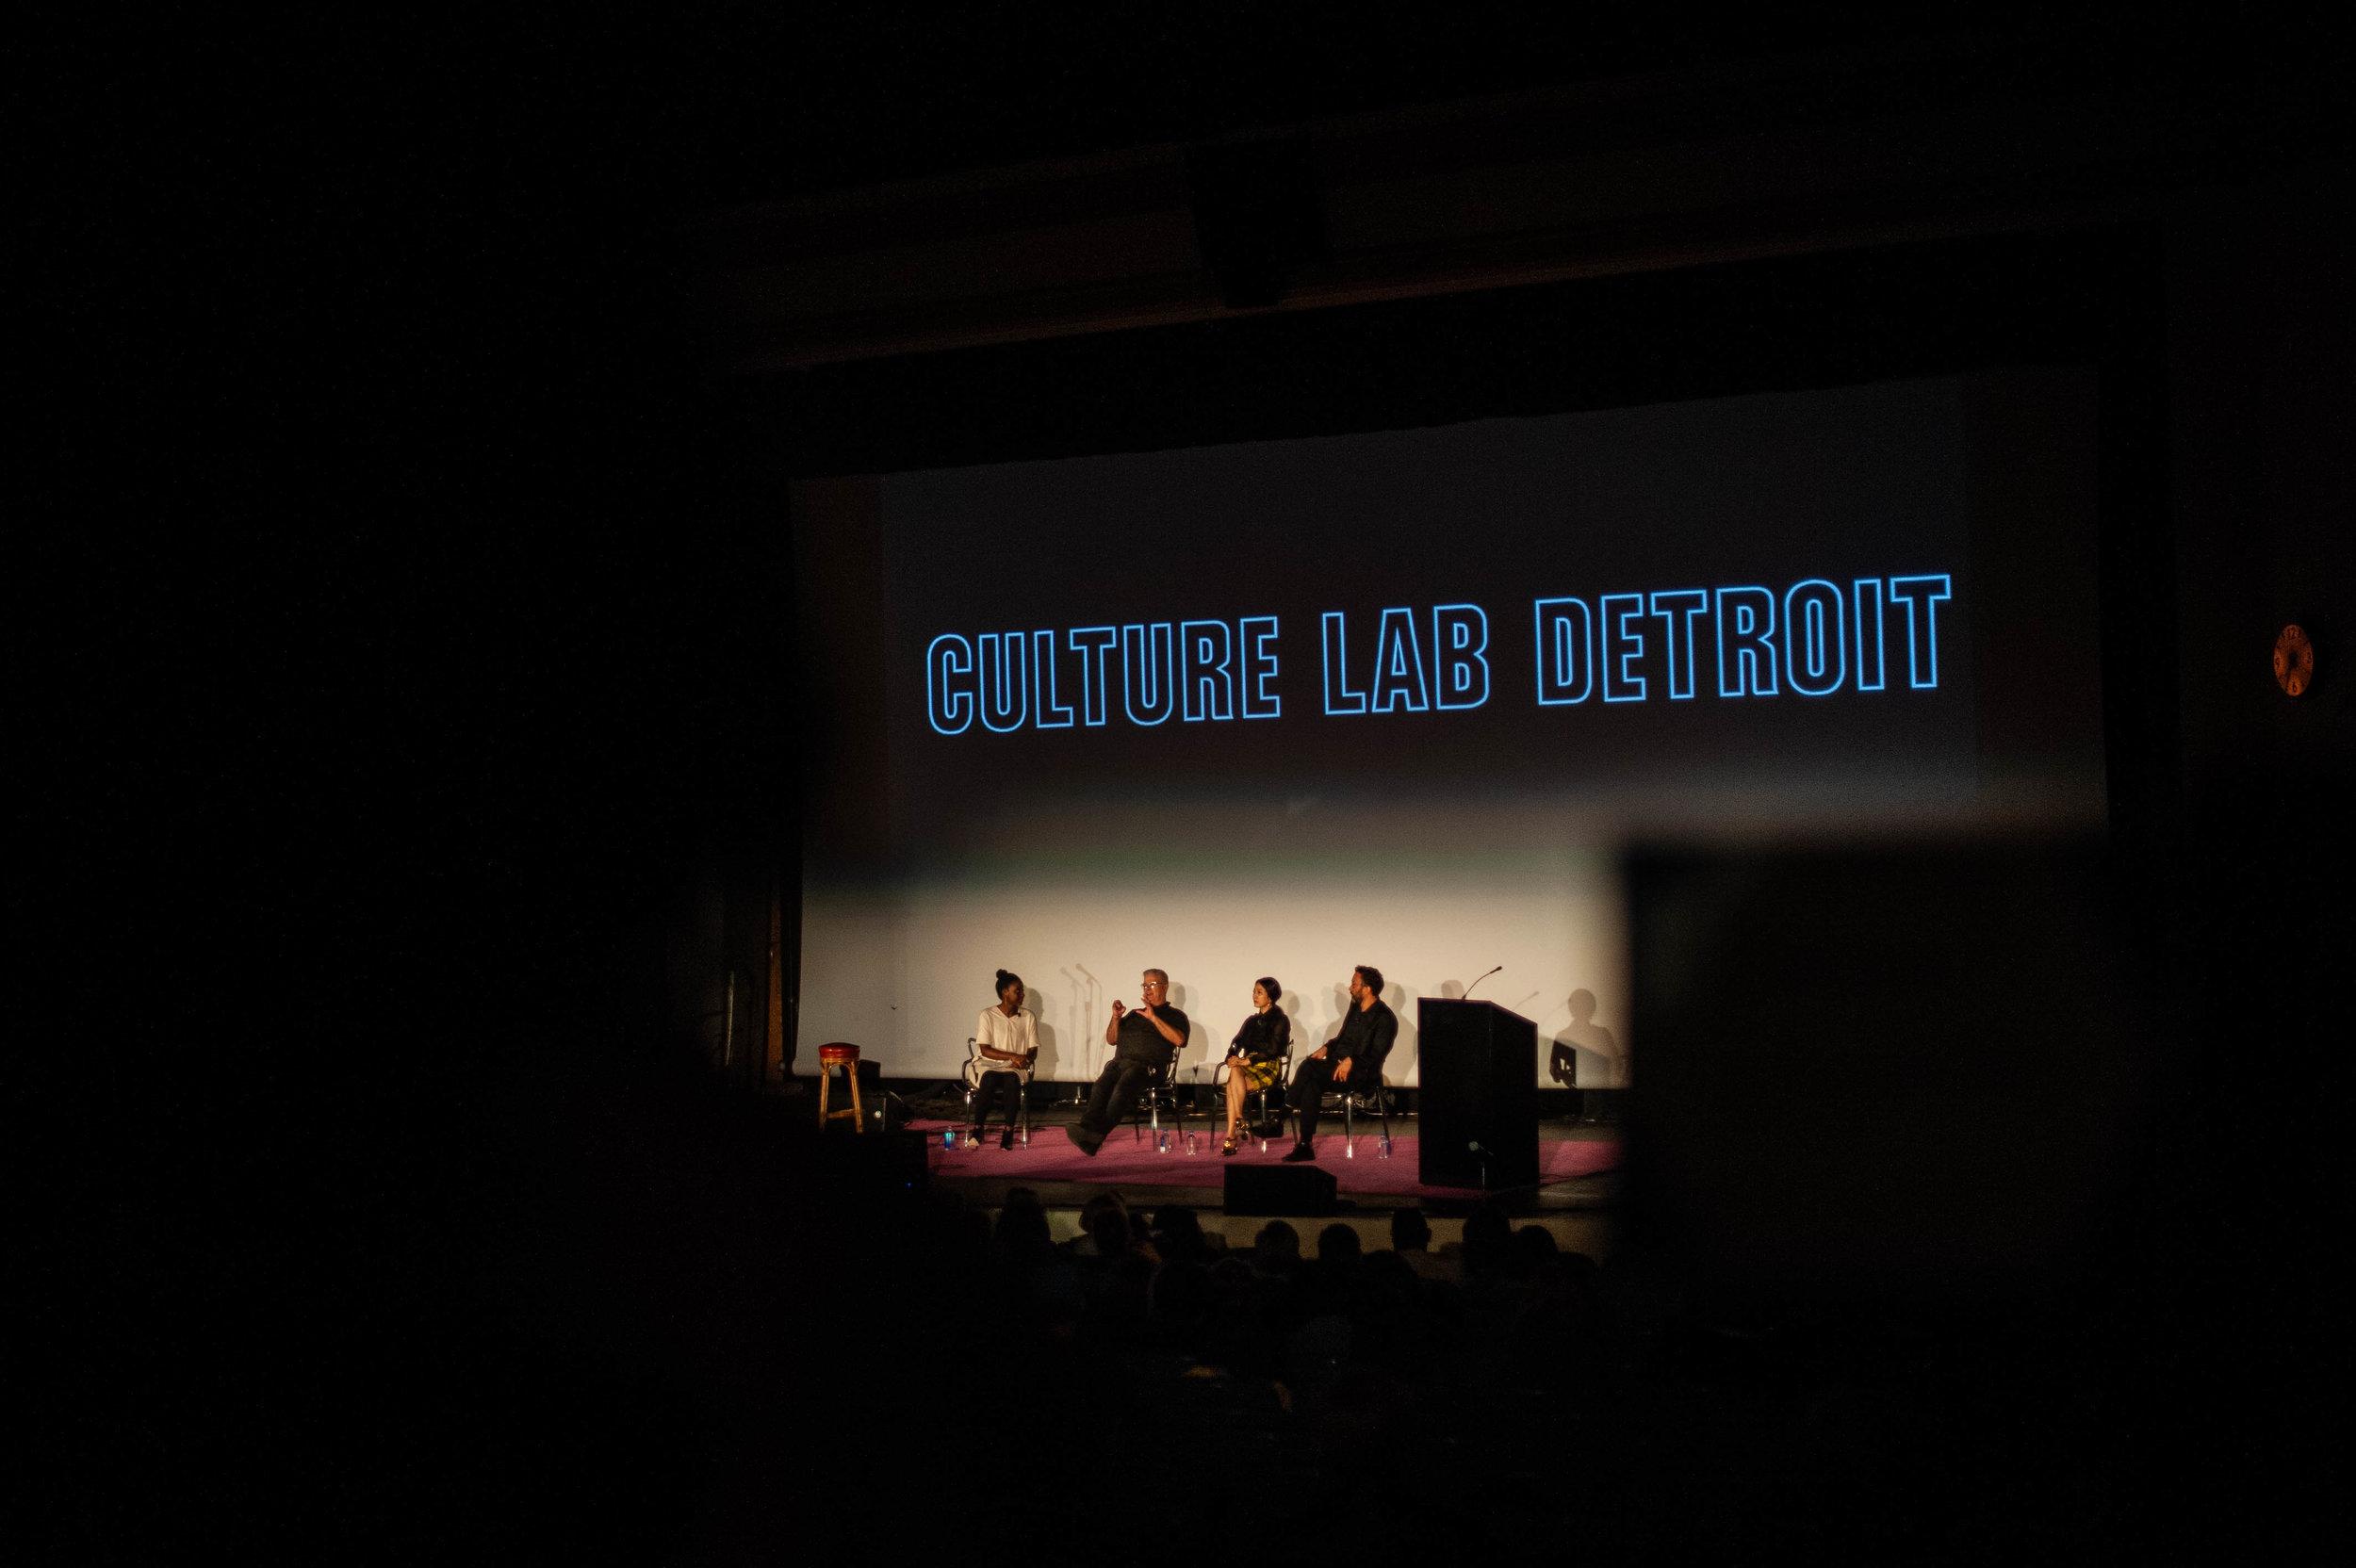 Culture Lab Detroit